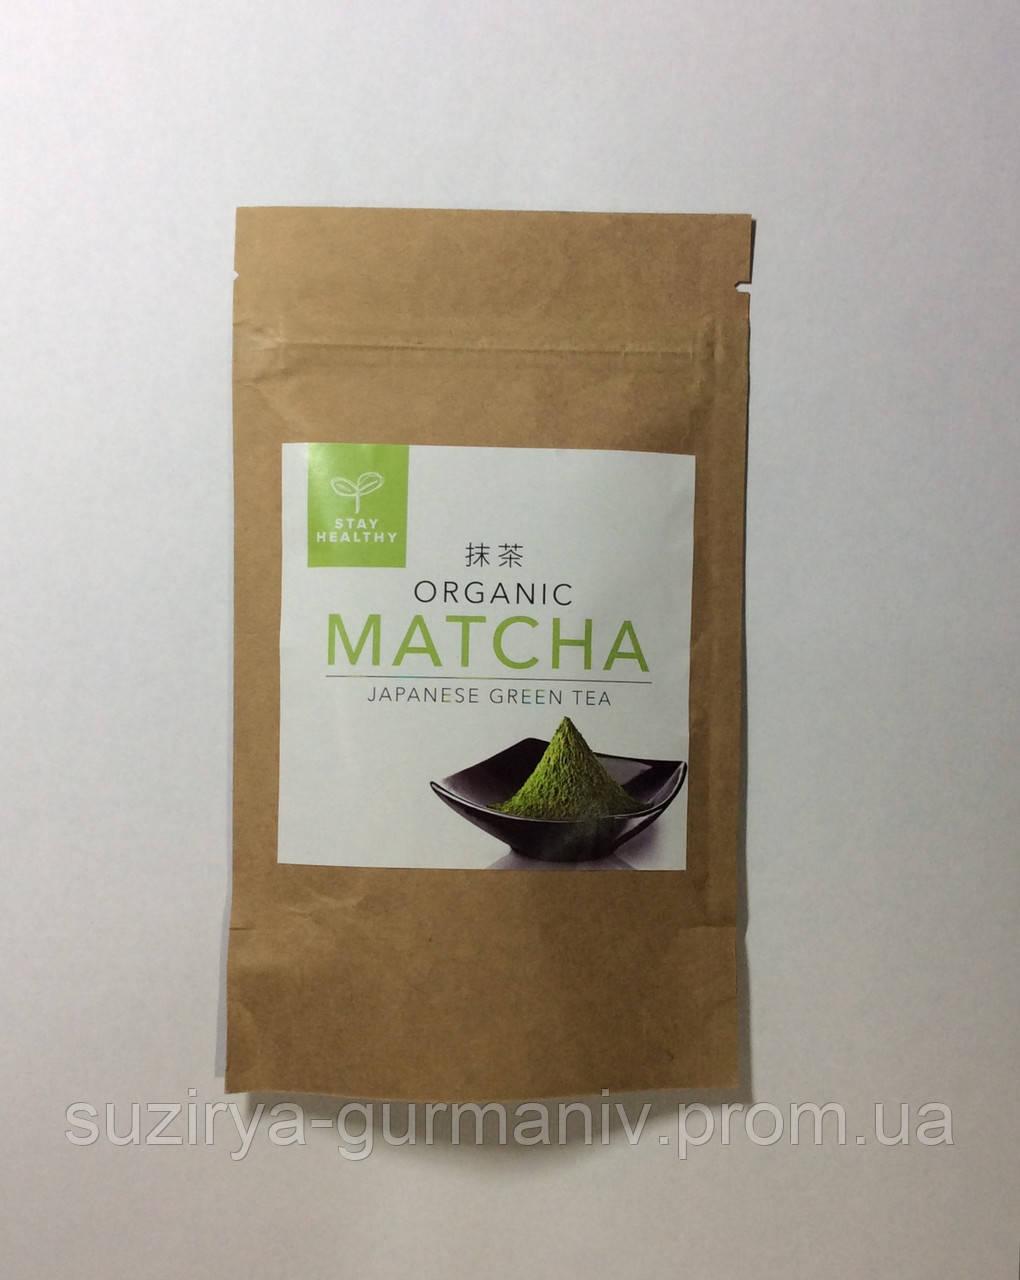 Японский зелёный чай Матча (Matcha) 100г, фото 1